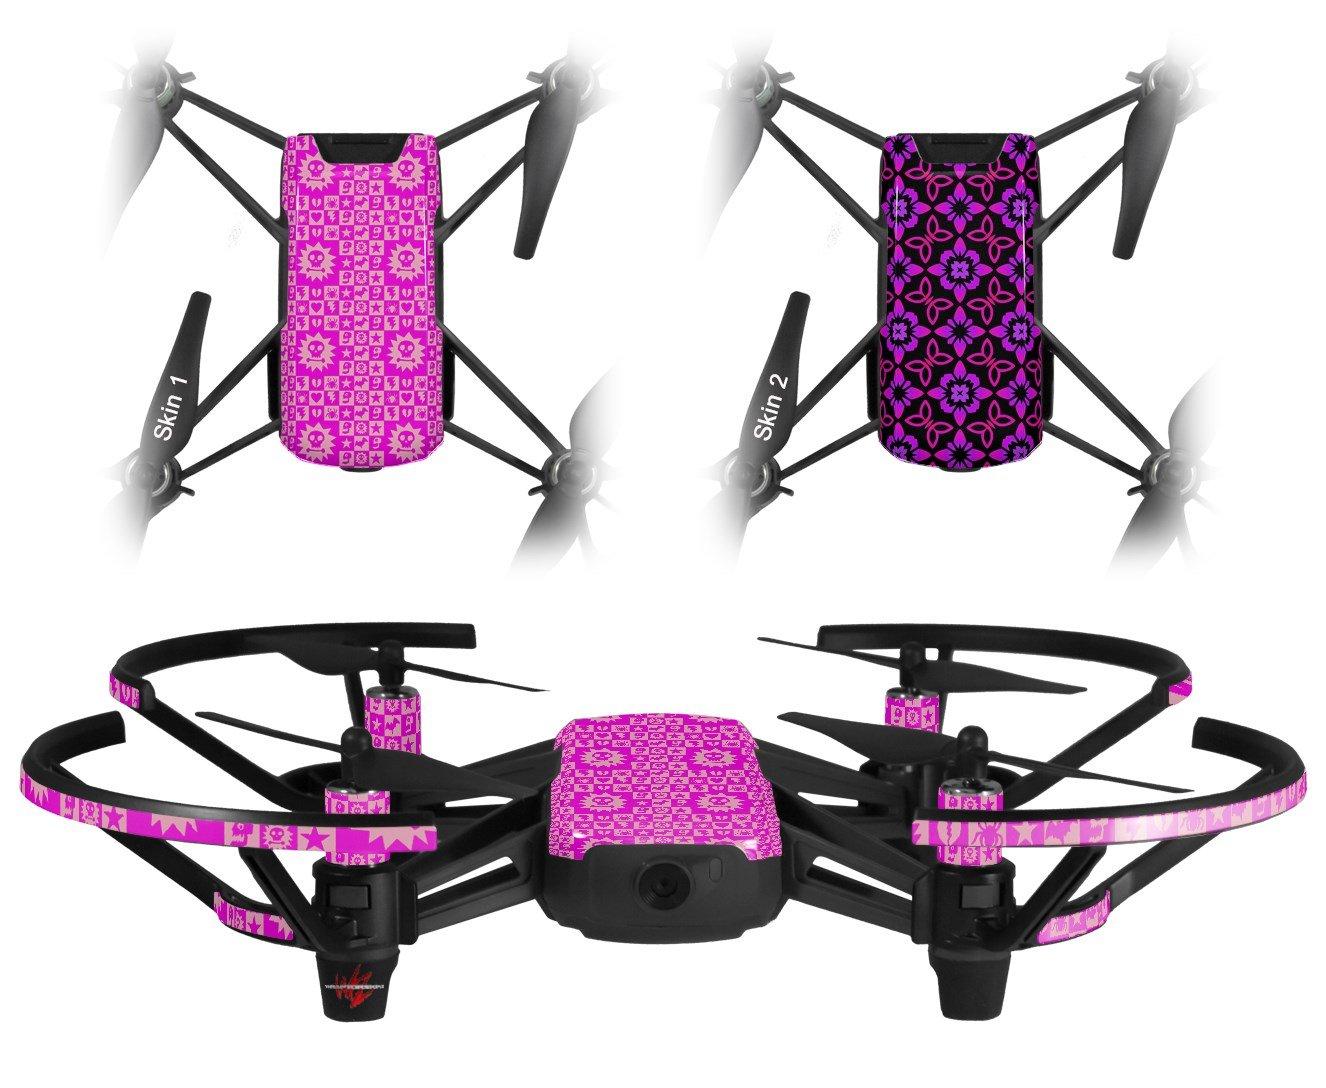 スキンデカールラップ2パックfor DJI Ryze Tello DroneゴシックパンクパターンピンクDrone Not Included B07CKVJWZ9